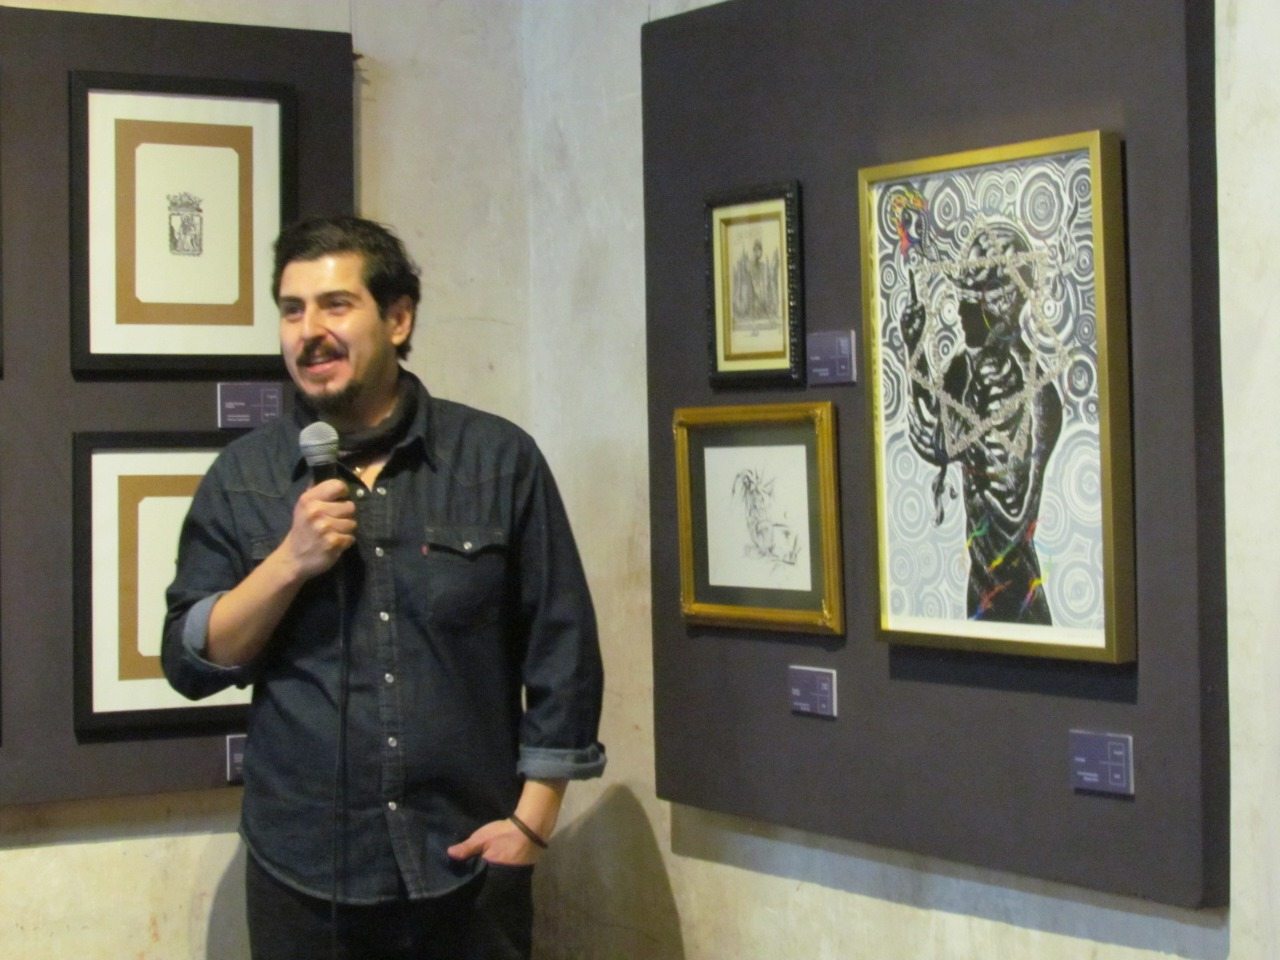 museo virreinal muestra exposición de arte devoto